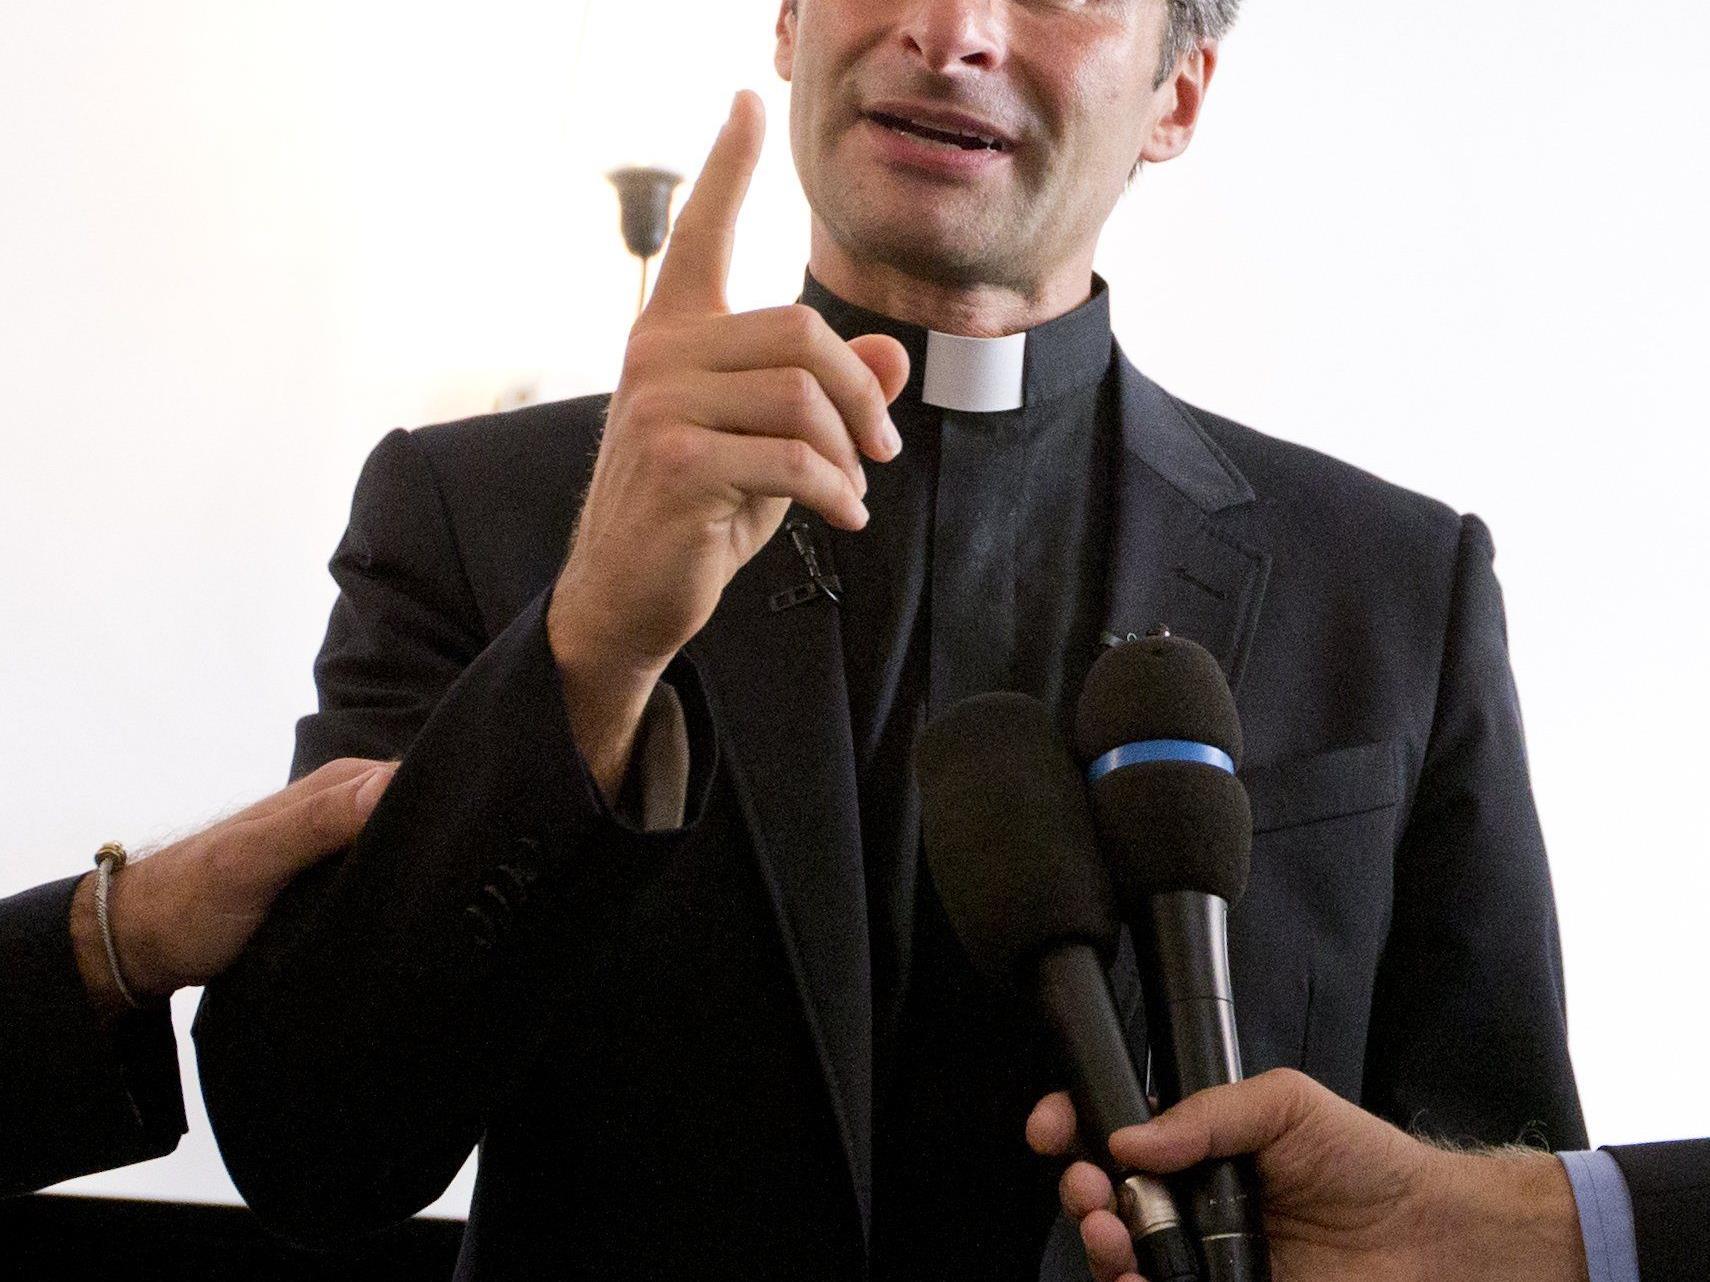 Laut Vorwürfen soll der Priester Geld für sein Outing bekommen haben